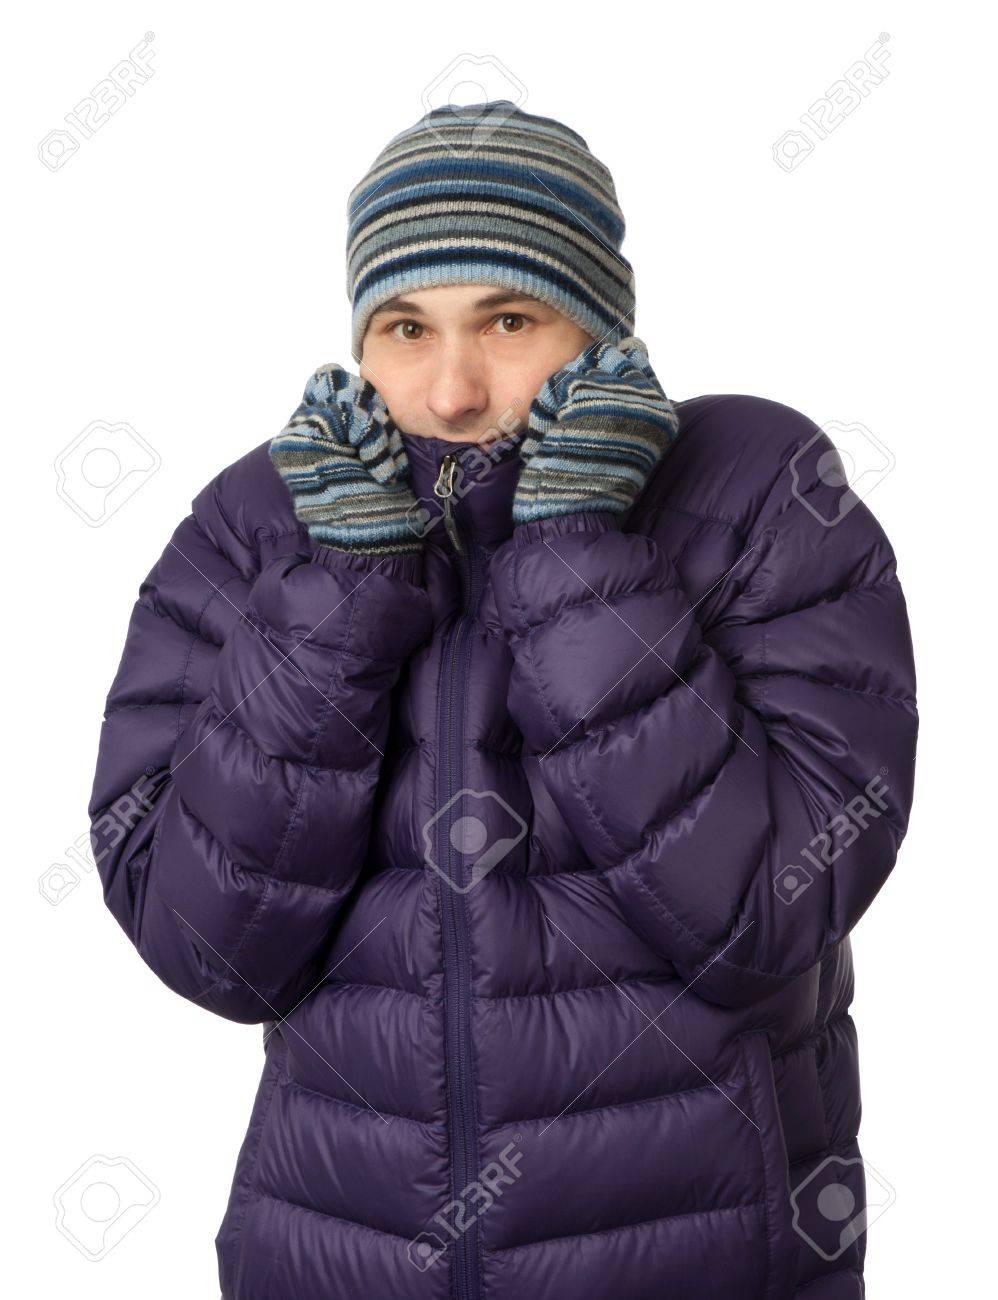 Homme En Vêtements D hiver Grelottant De Froid Banque D Images Et ... aa93872425d